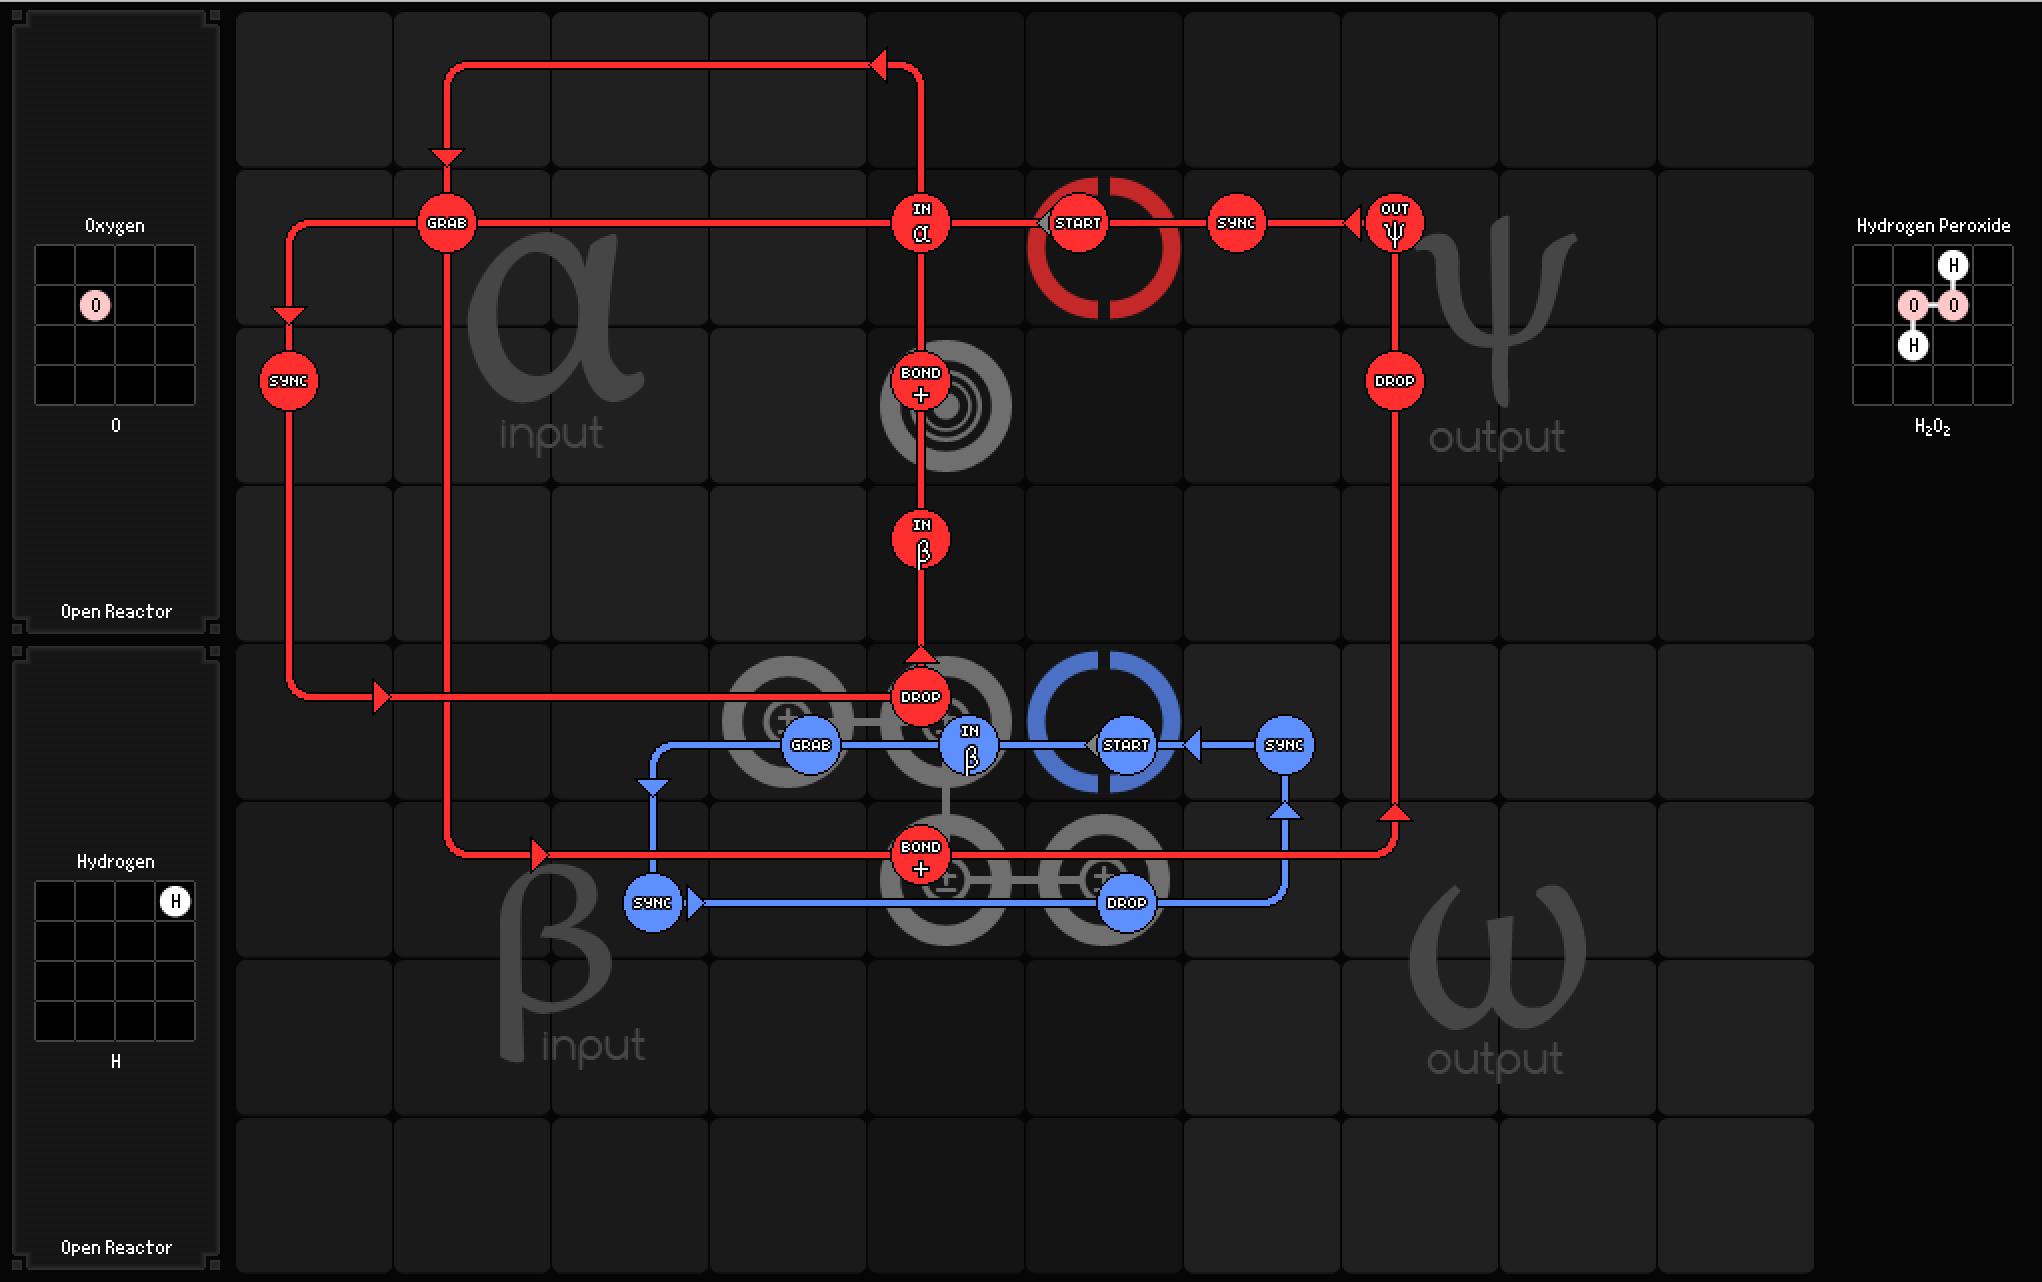 1_Story_Mode/4_Alkonost/SpaceChem-4.7.a-boss/Reactor_3.png